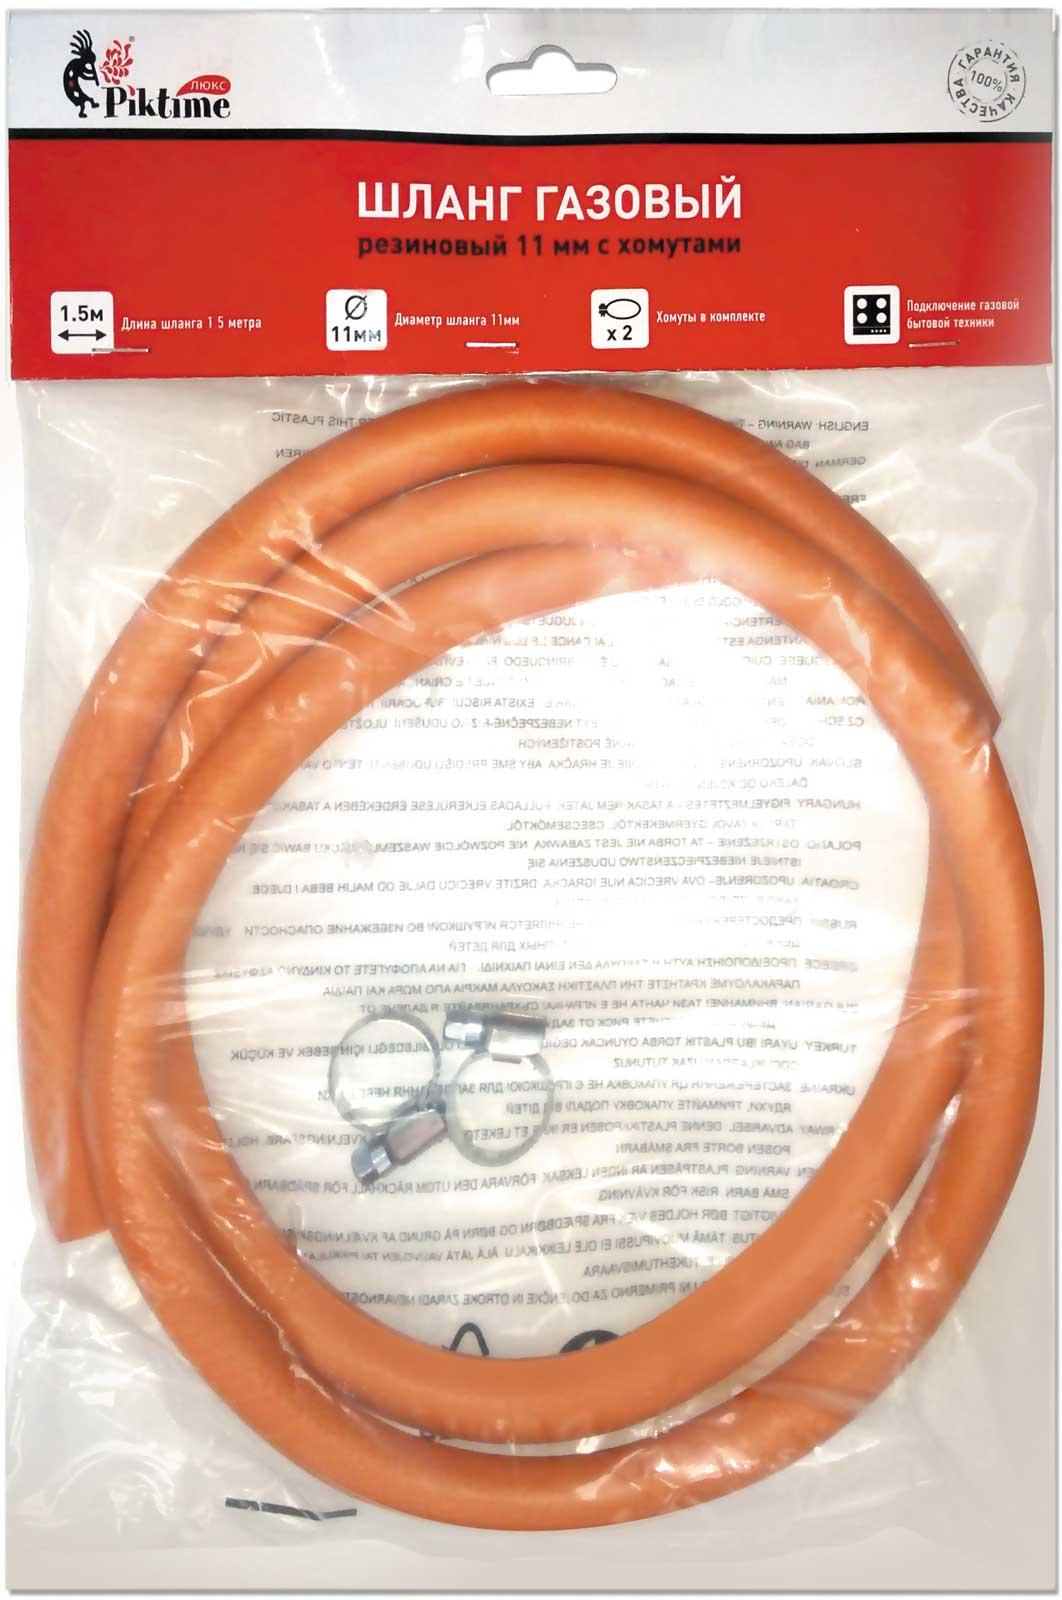 Шланг газовый 11 мм с хомутами газ всесезонный piktime для портативных газовых приборов 22